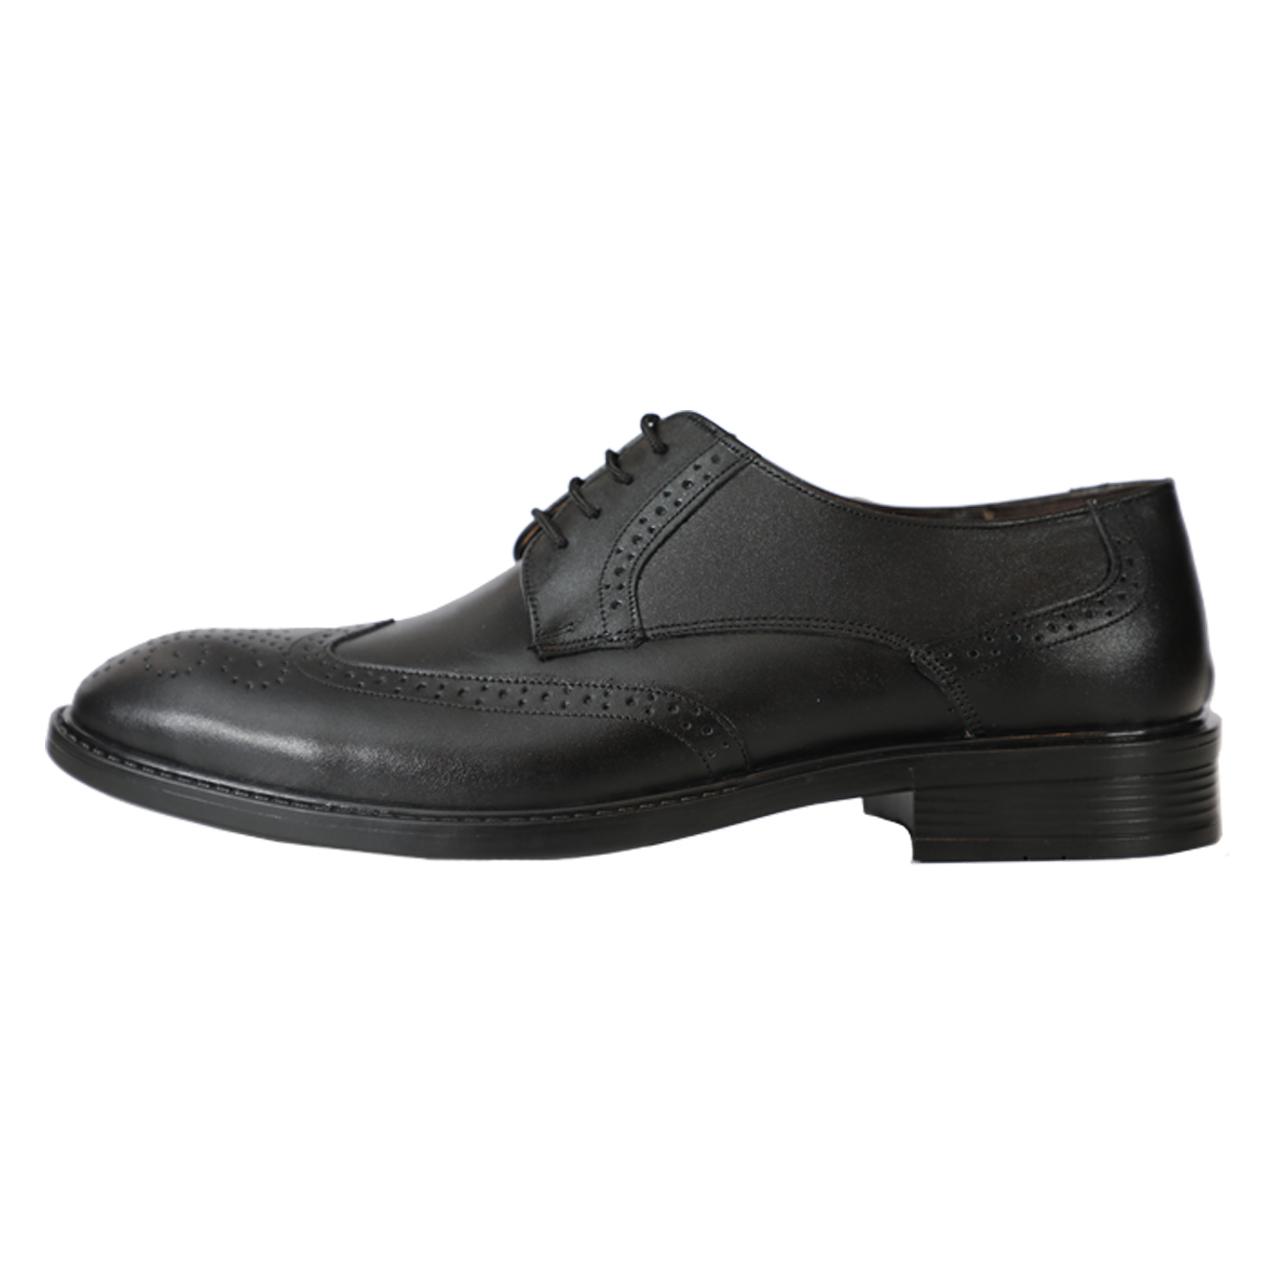 کفش مردانه آردا مدل Caretaker Black